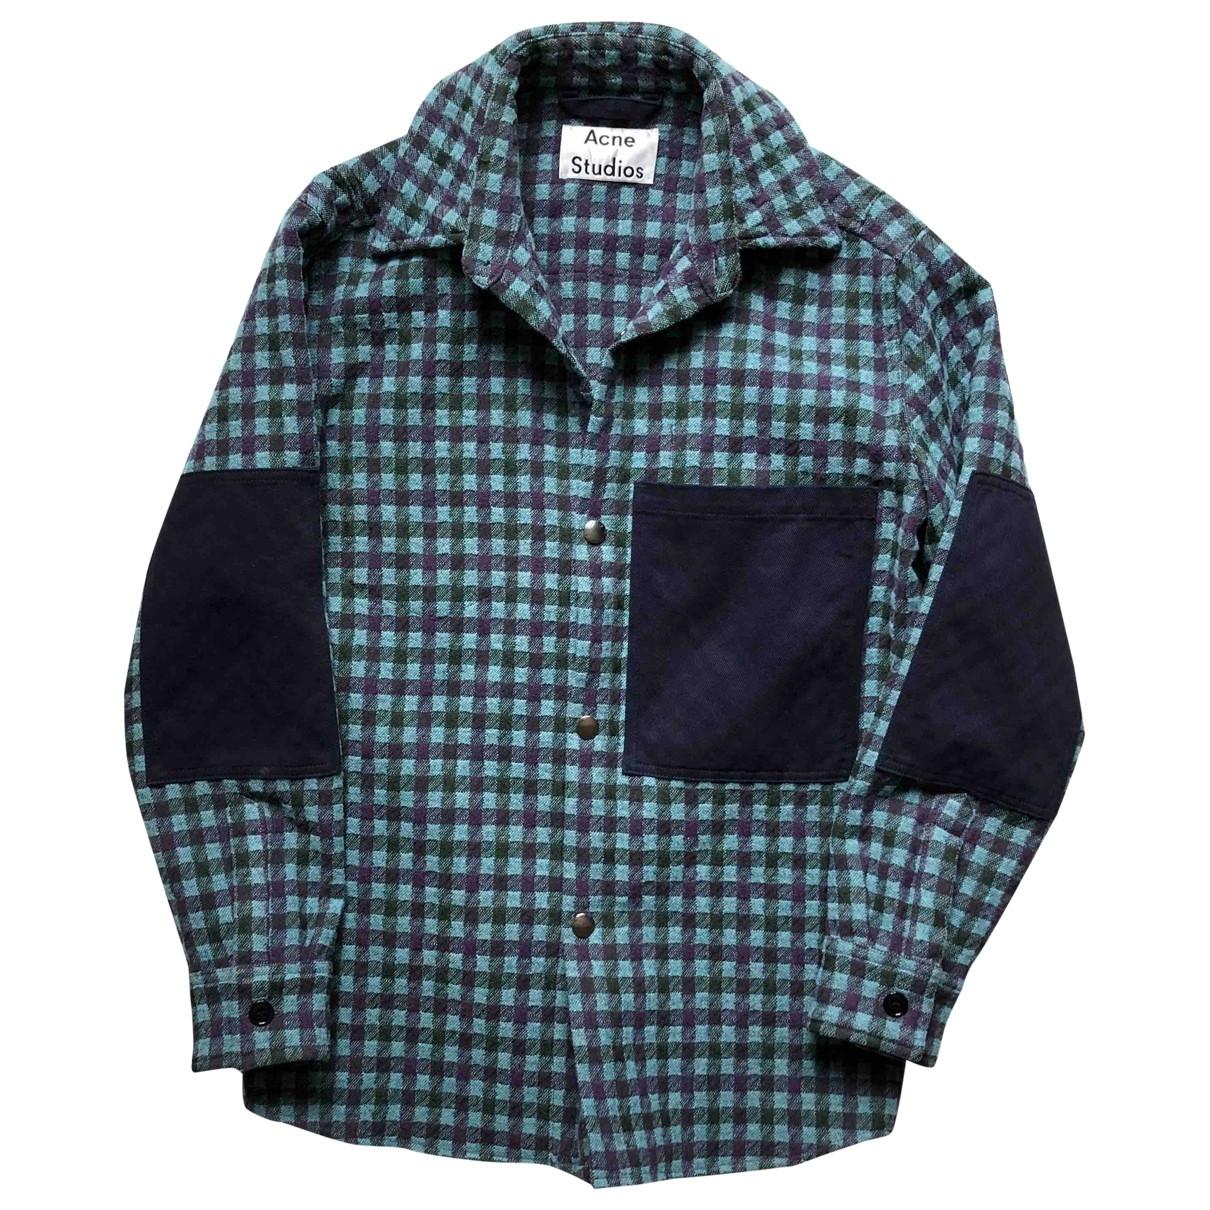 Acne Studios - Vestes.Blousons   pour homme en laine - turquoise